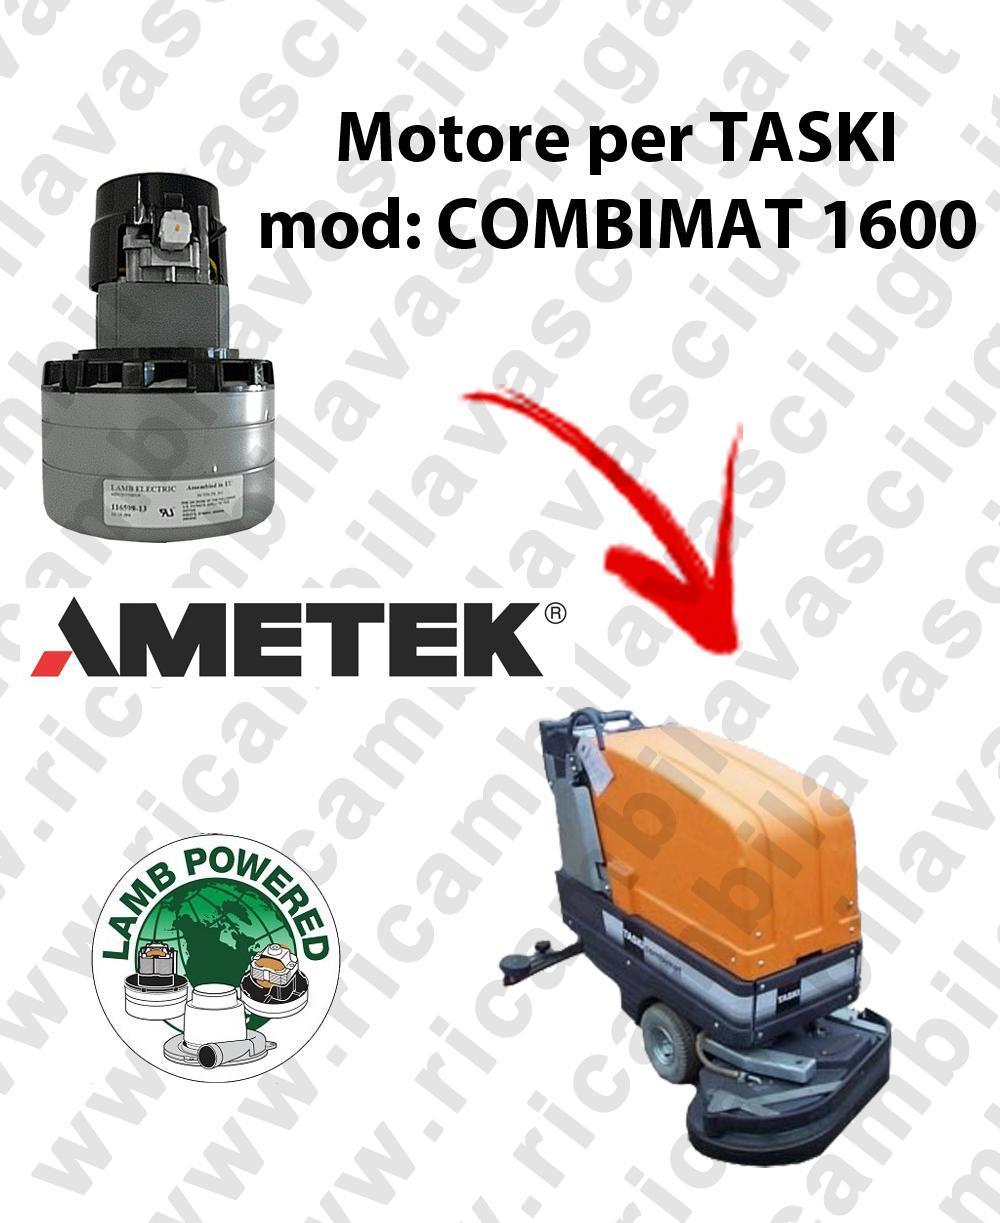 COMBIMAT 1600 LAMB AMETEK vacuum motor for scrubber dryer TASKI